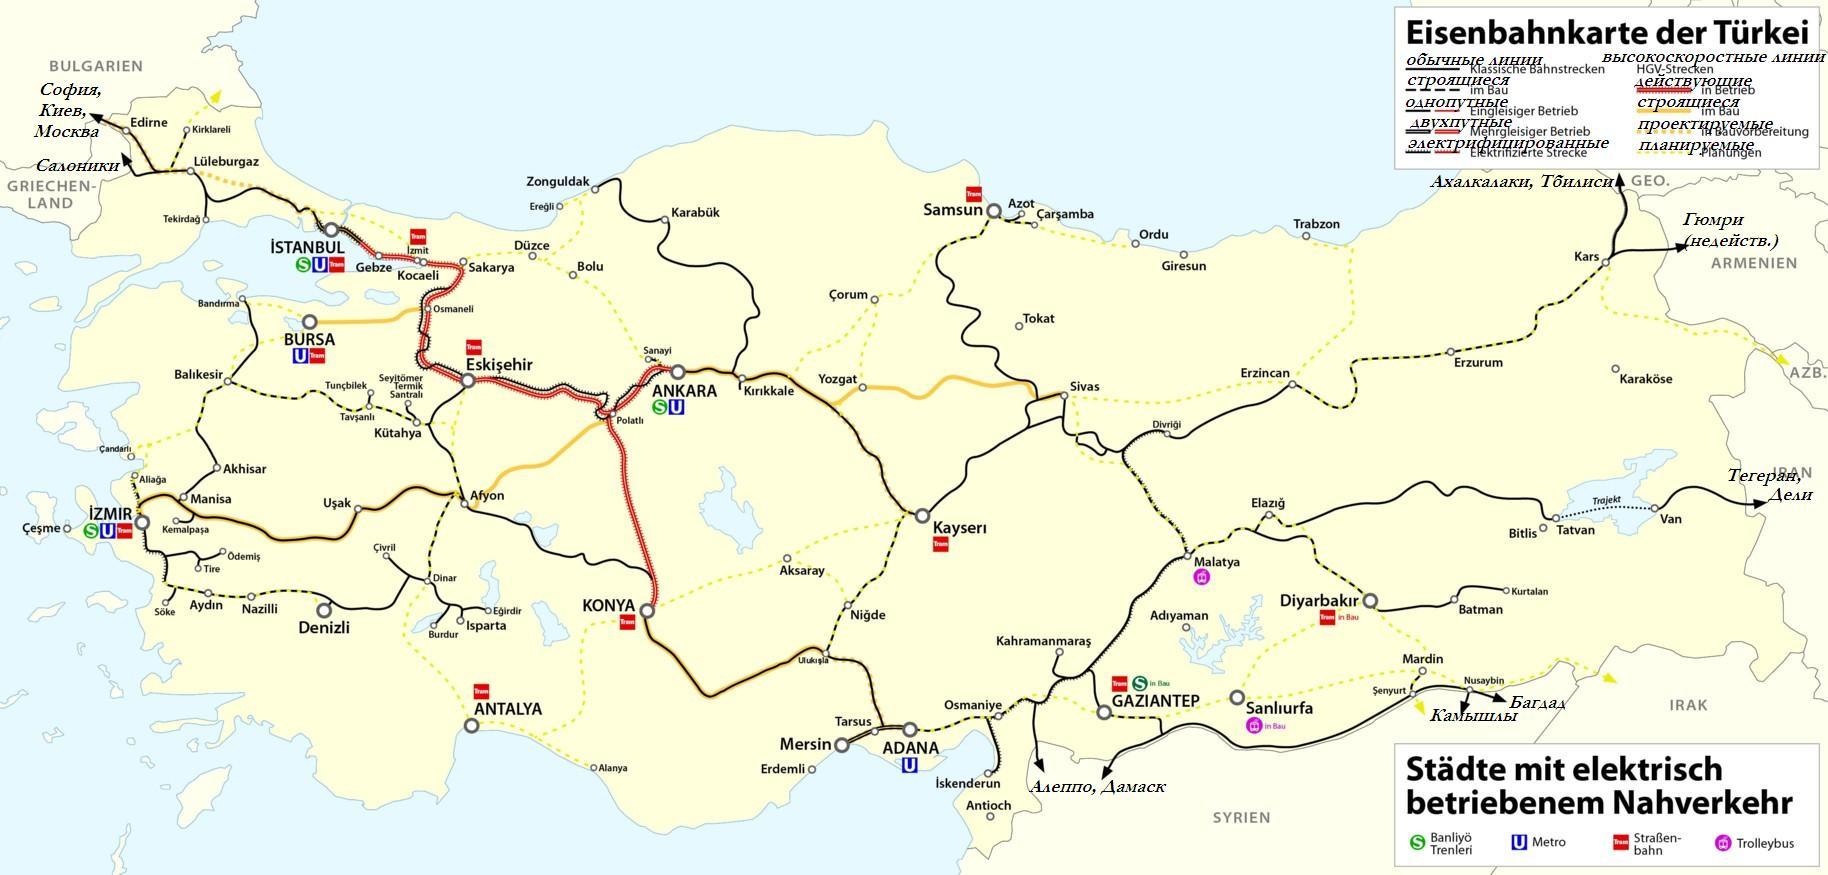 ширина колеи железной дороги в европе